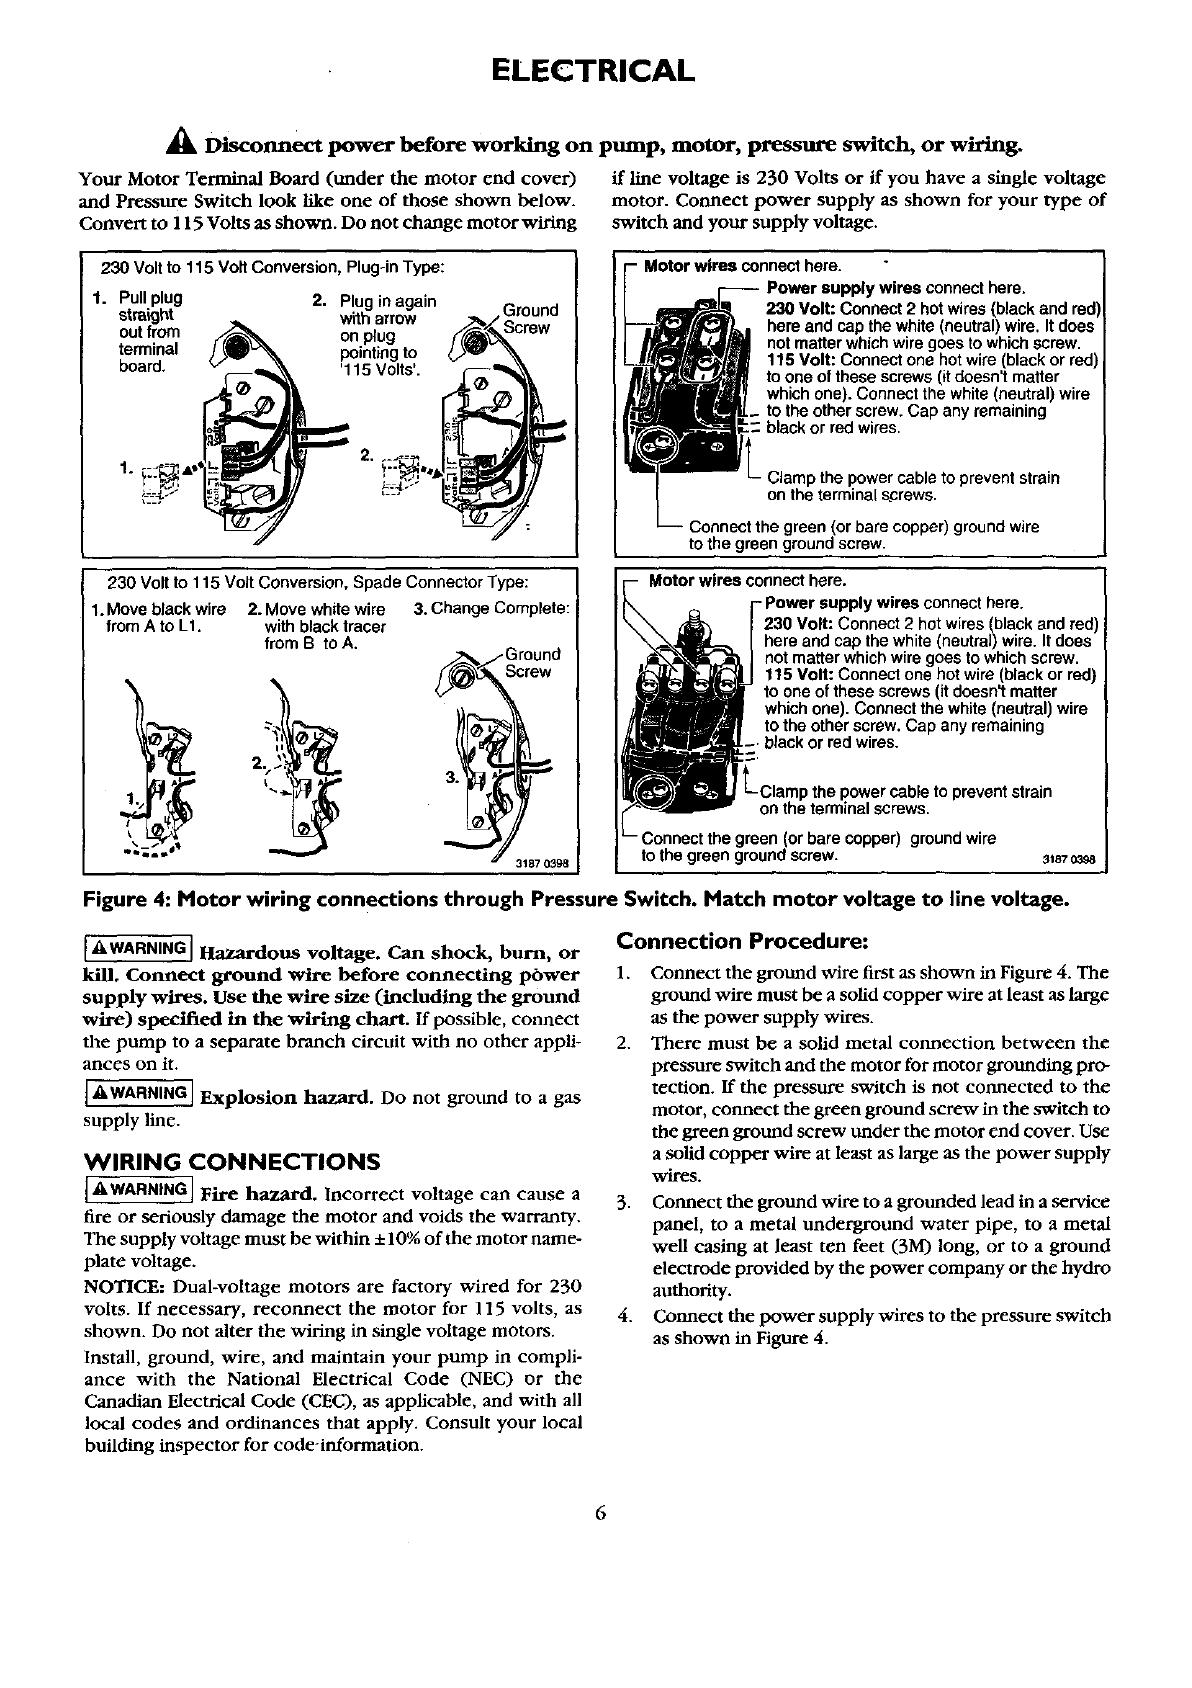 General Pump T991 Manual Guide